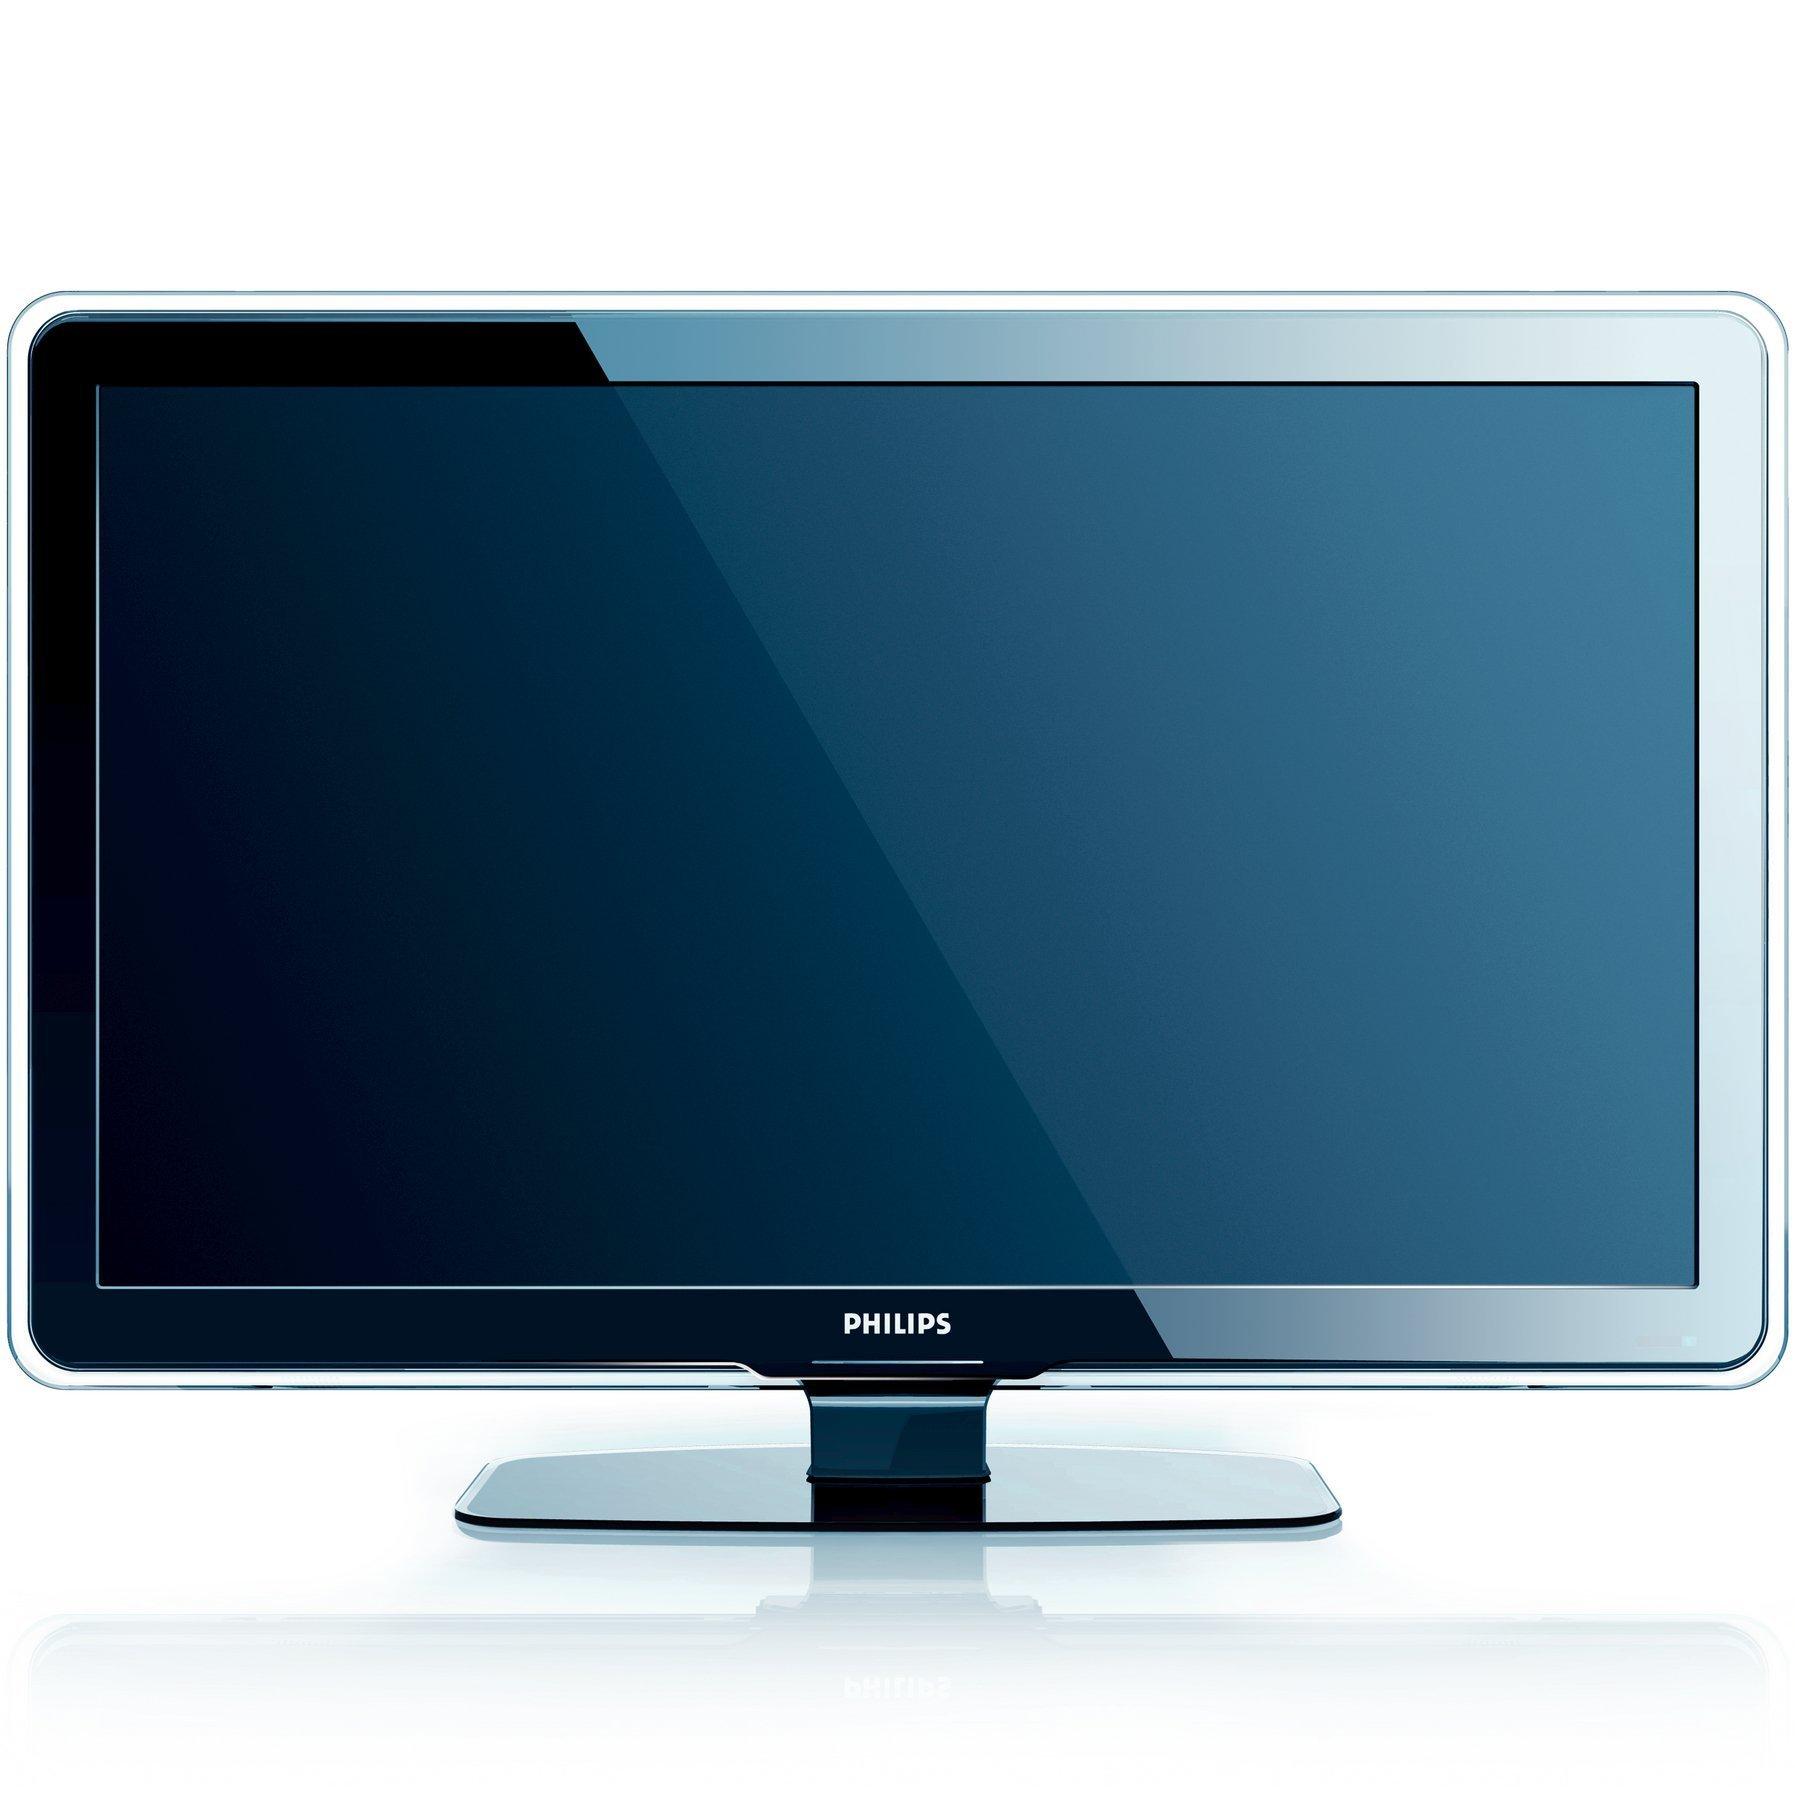 Philips 32PFL7803D - Televisión Full HD, Pantalla LCD 32 pulgadas: Amazon.es: Electrónica